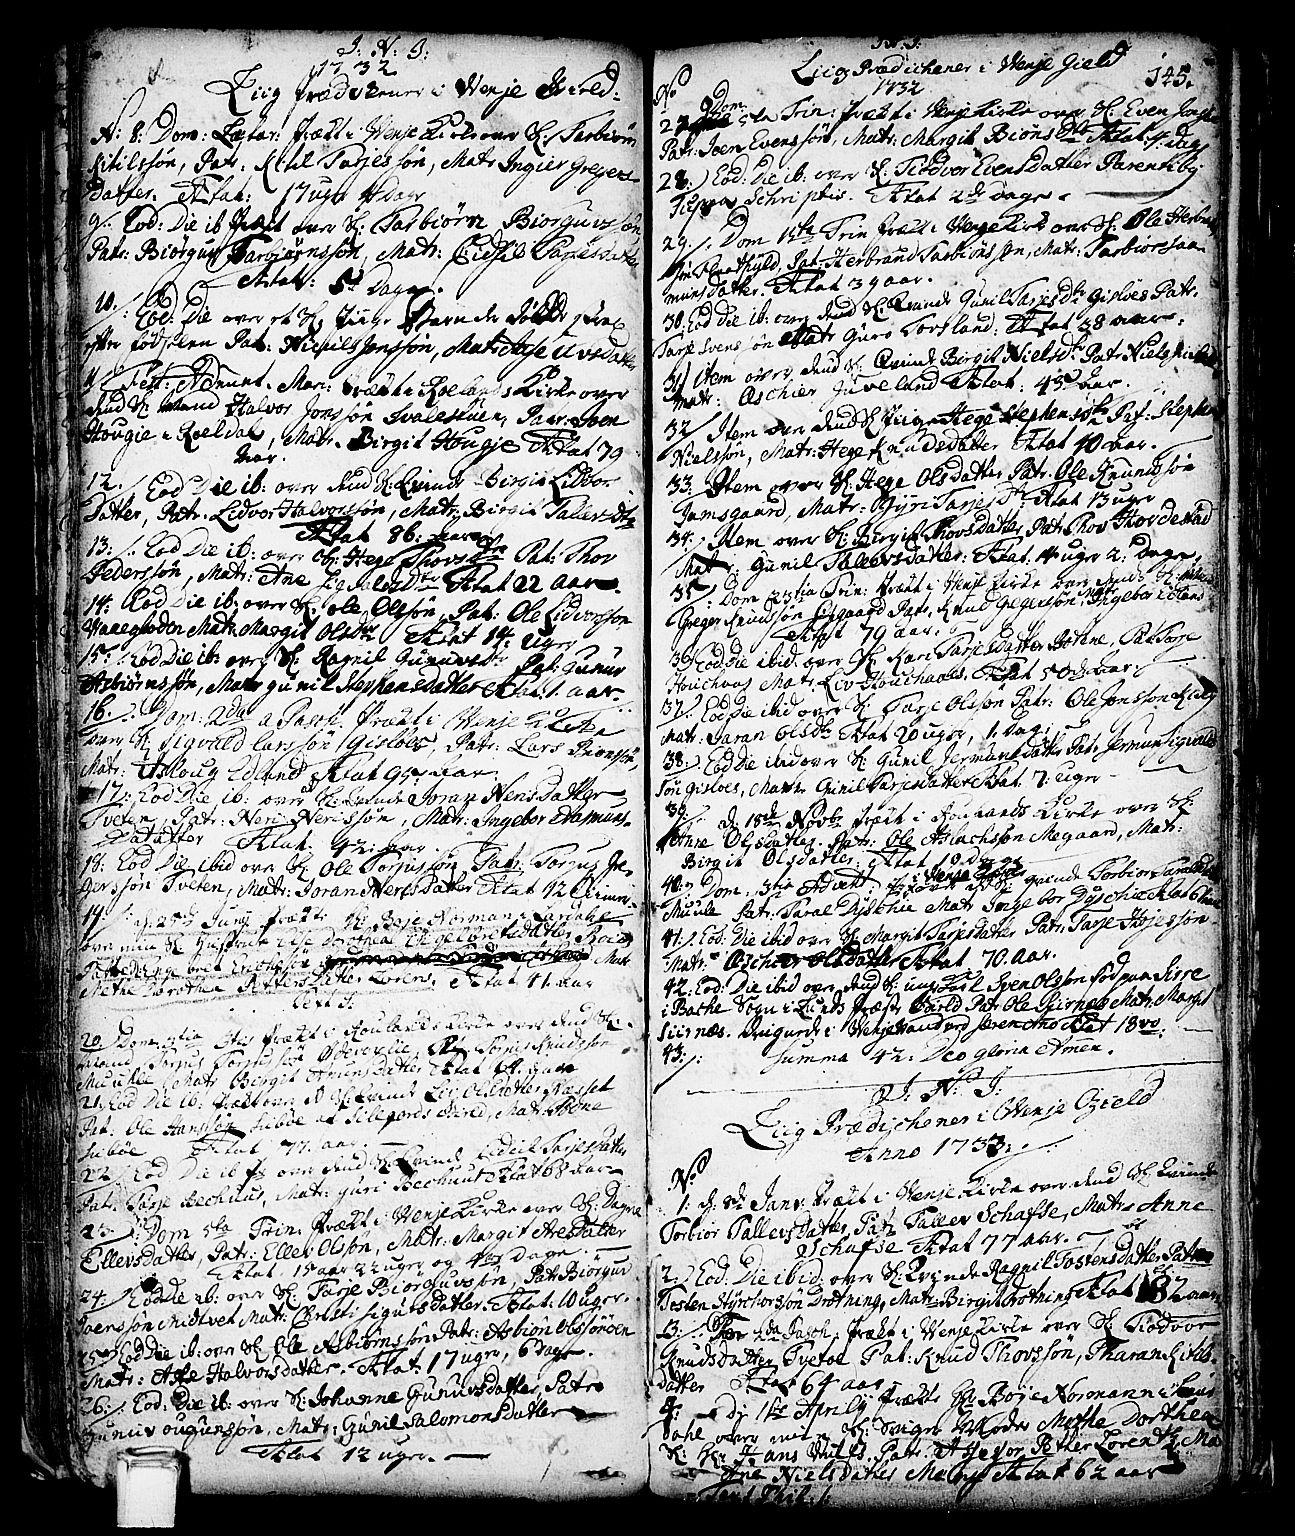 SAKO, Vinje kirkebøker, F/Fa/L0001: Ministerialbok nr. I 1, 1717-1766, s. 145